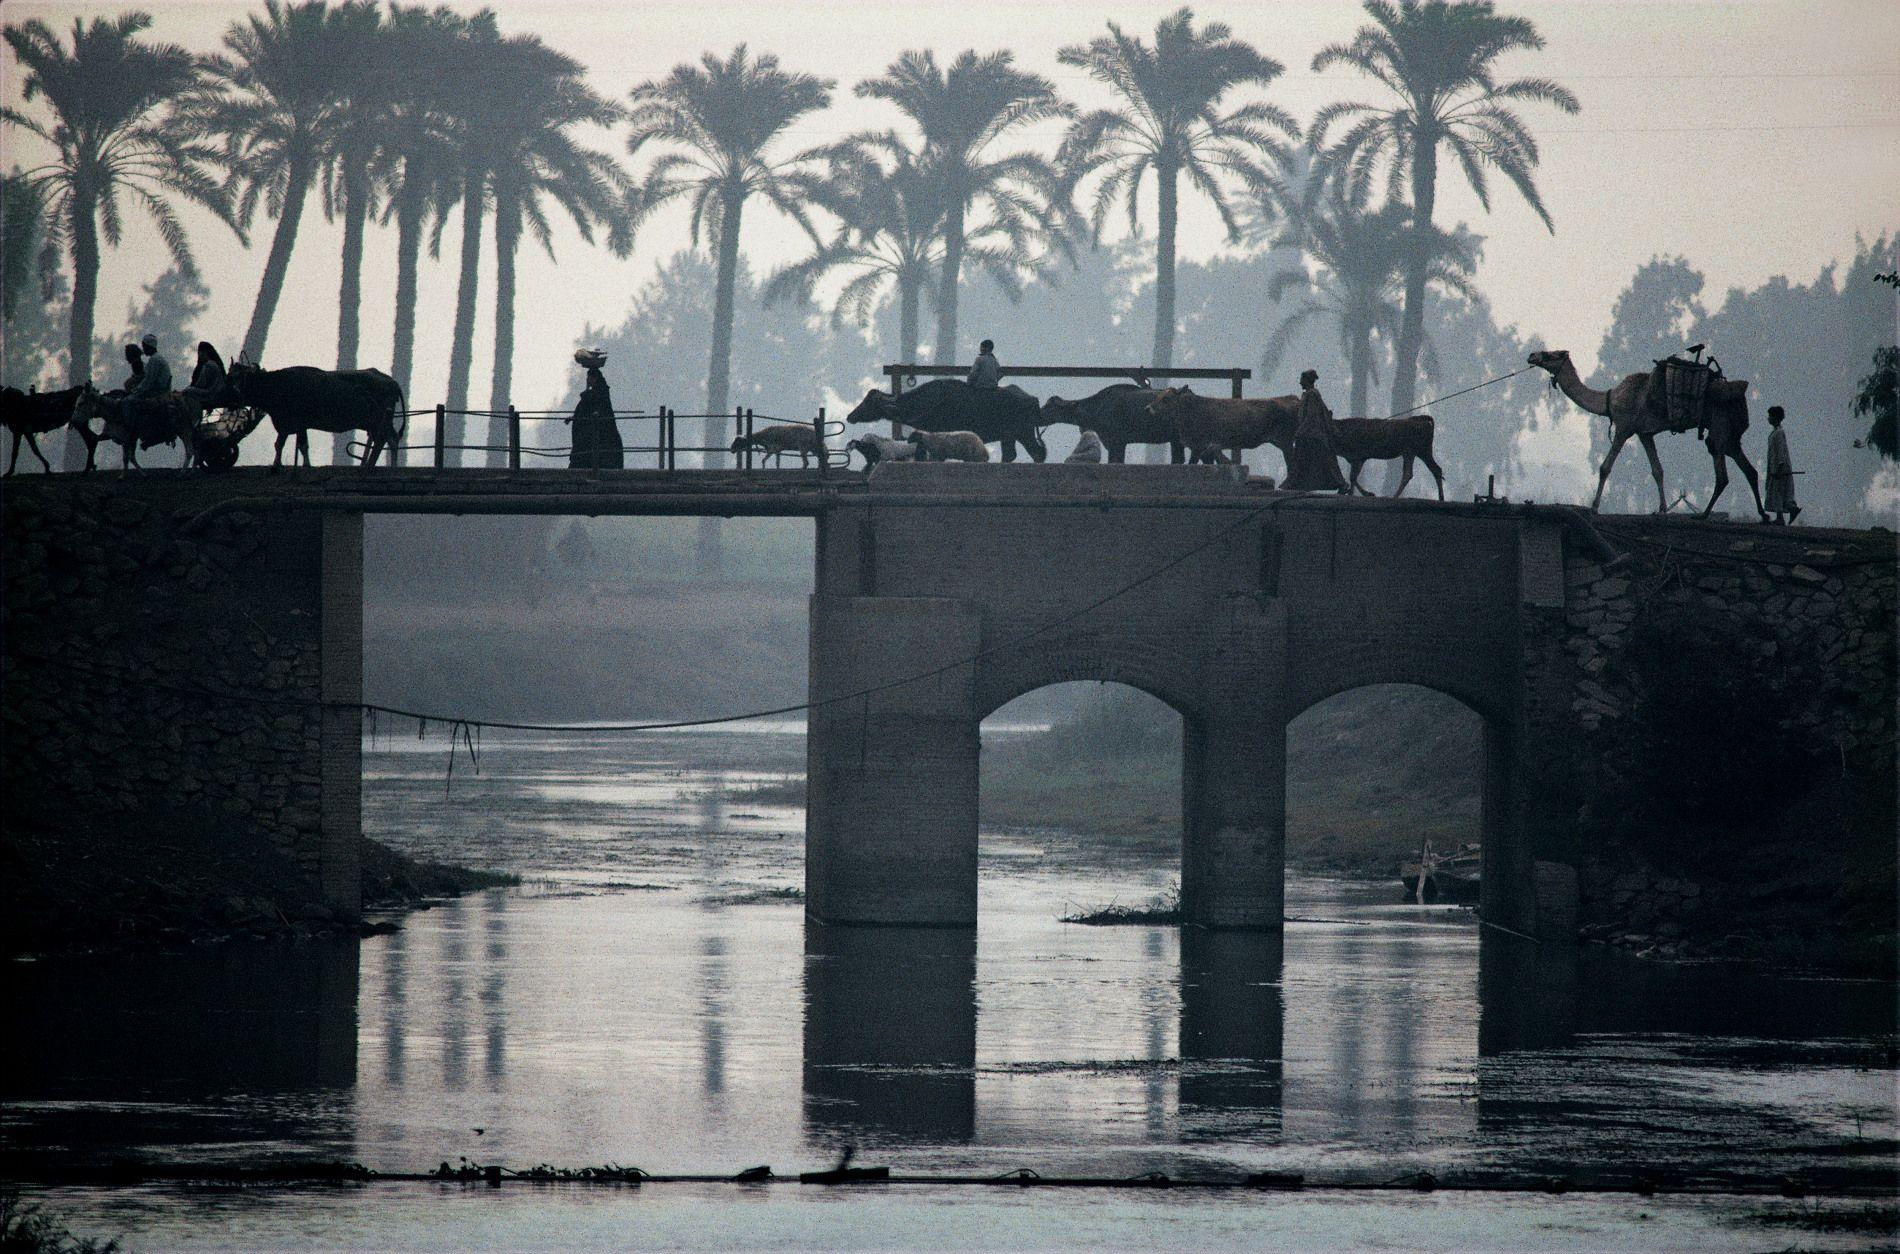 野町和嘉『写真』: The Nile